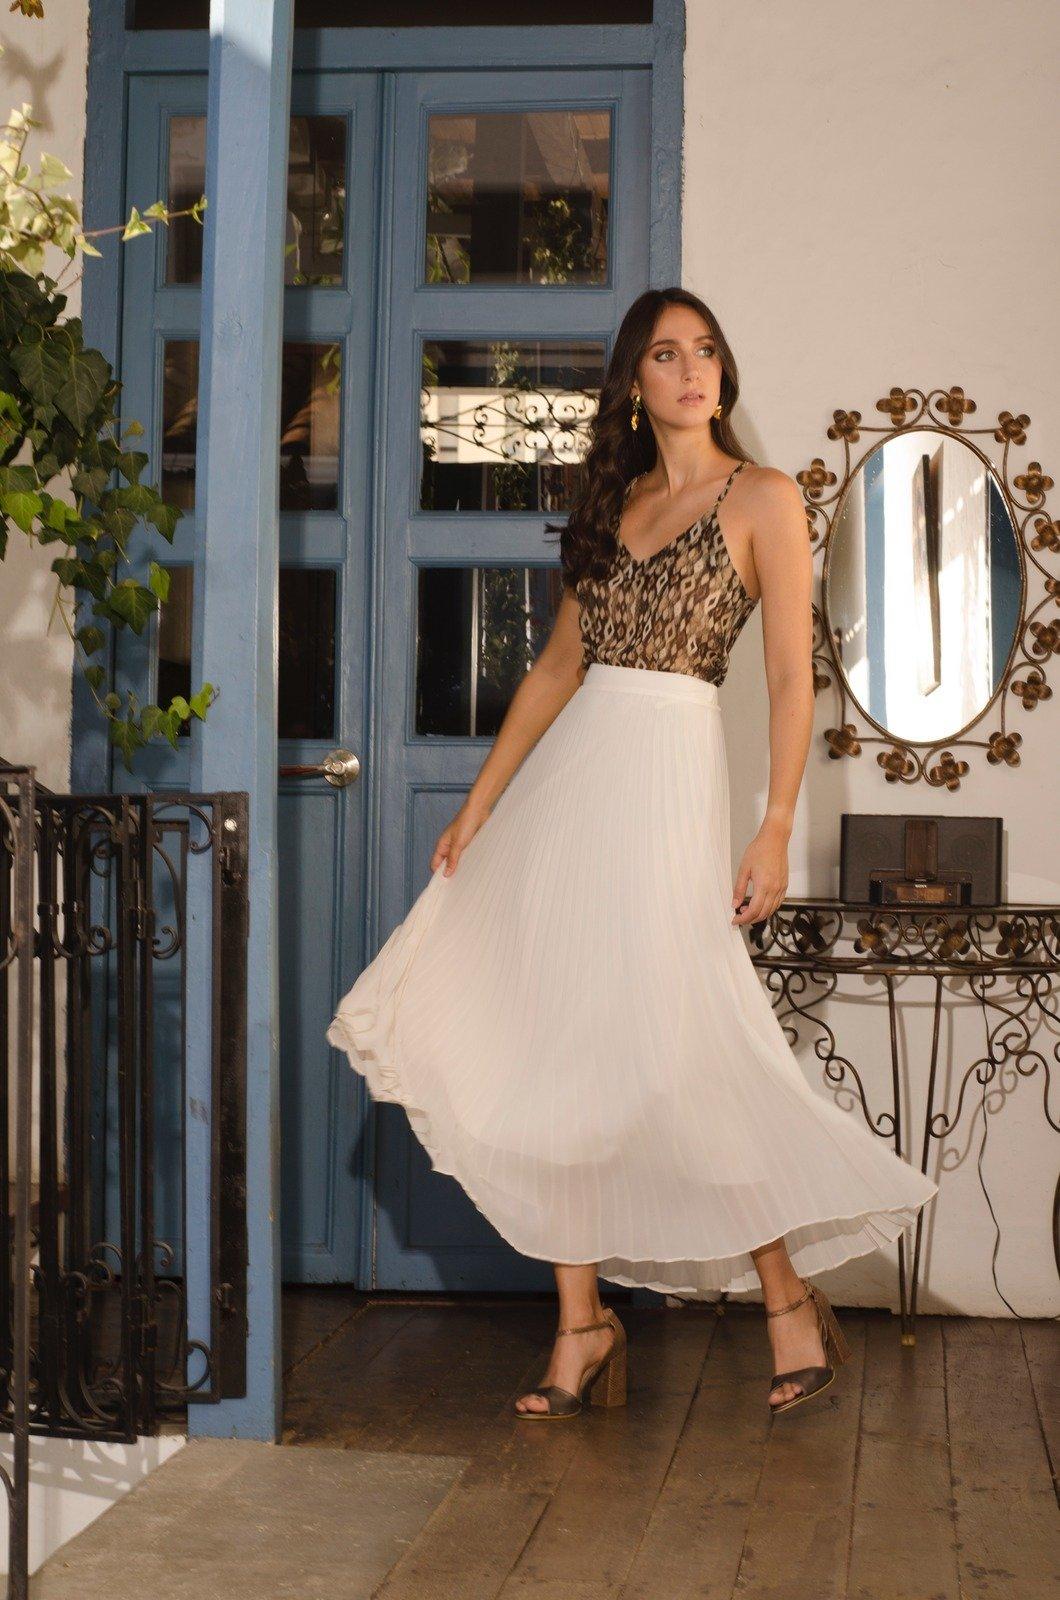 Falda larga plisada - Chazari 3323-20 01